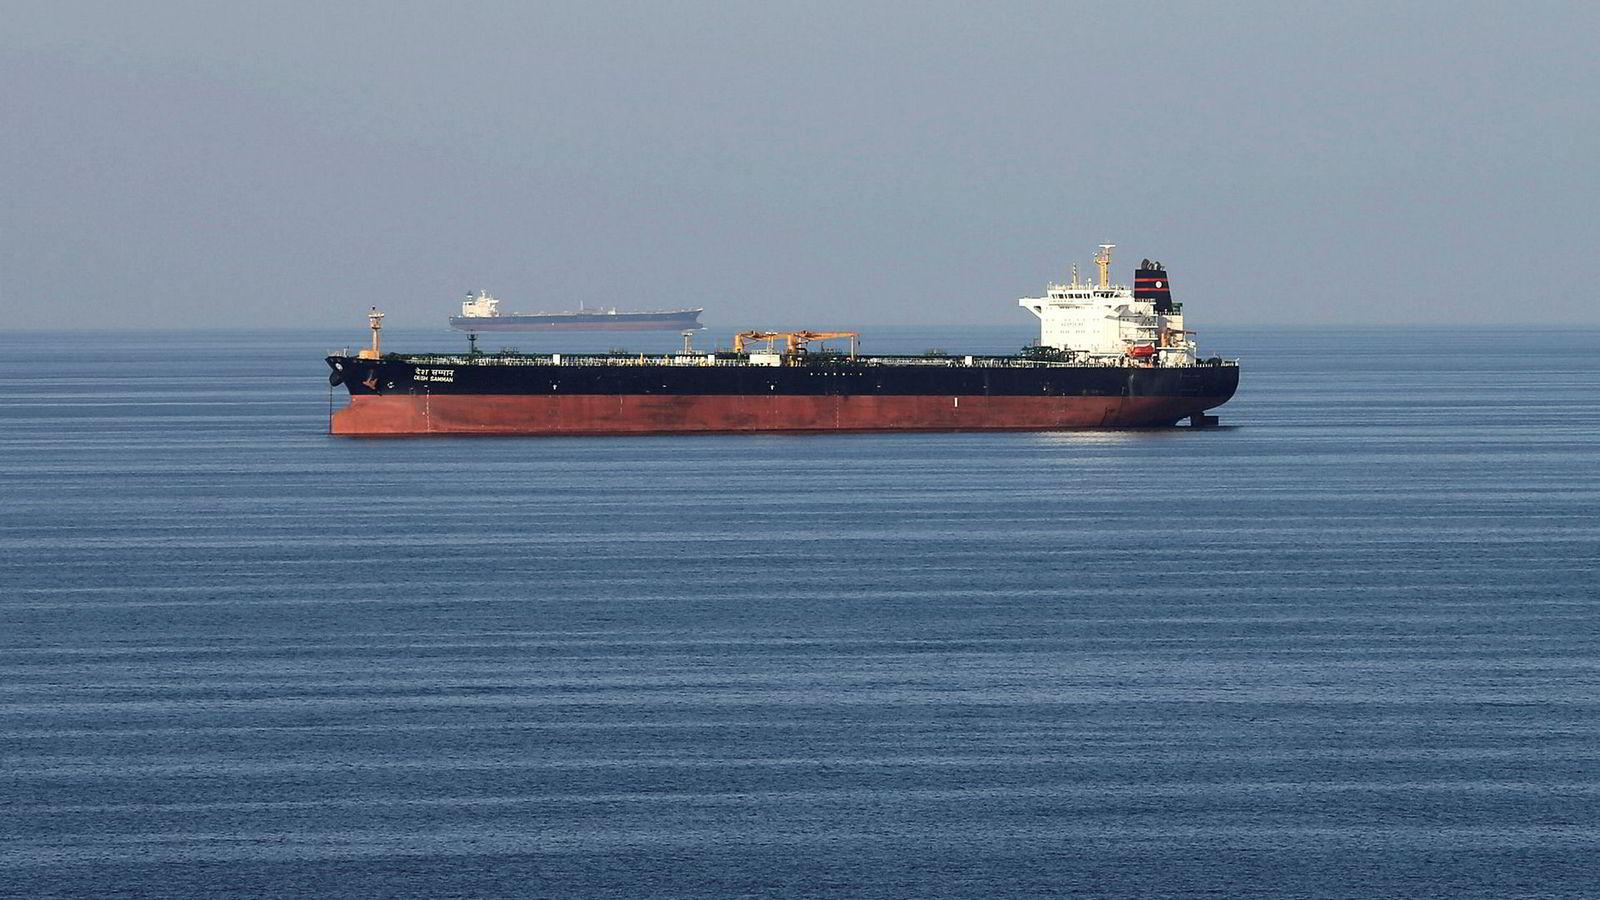 Fem båter som tilhører den iranske Revolusjonsgarden, forsøkte å ta en britisk oljetanker i arrest i Persiabukta onsdag. Bildet fra desember ifjor viser oljetankere som passerer Hormuz-stredet.